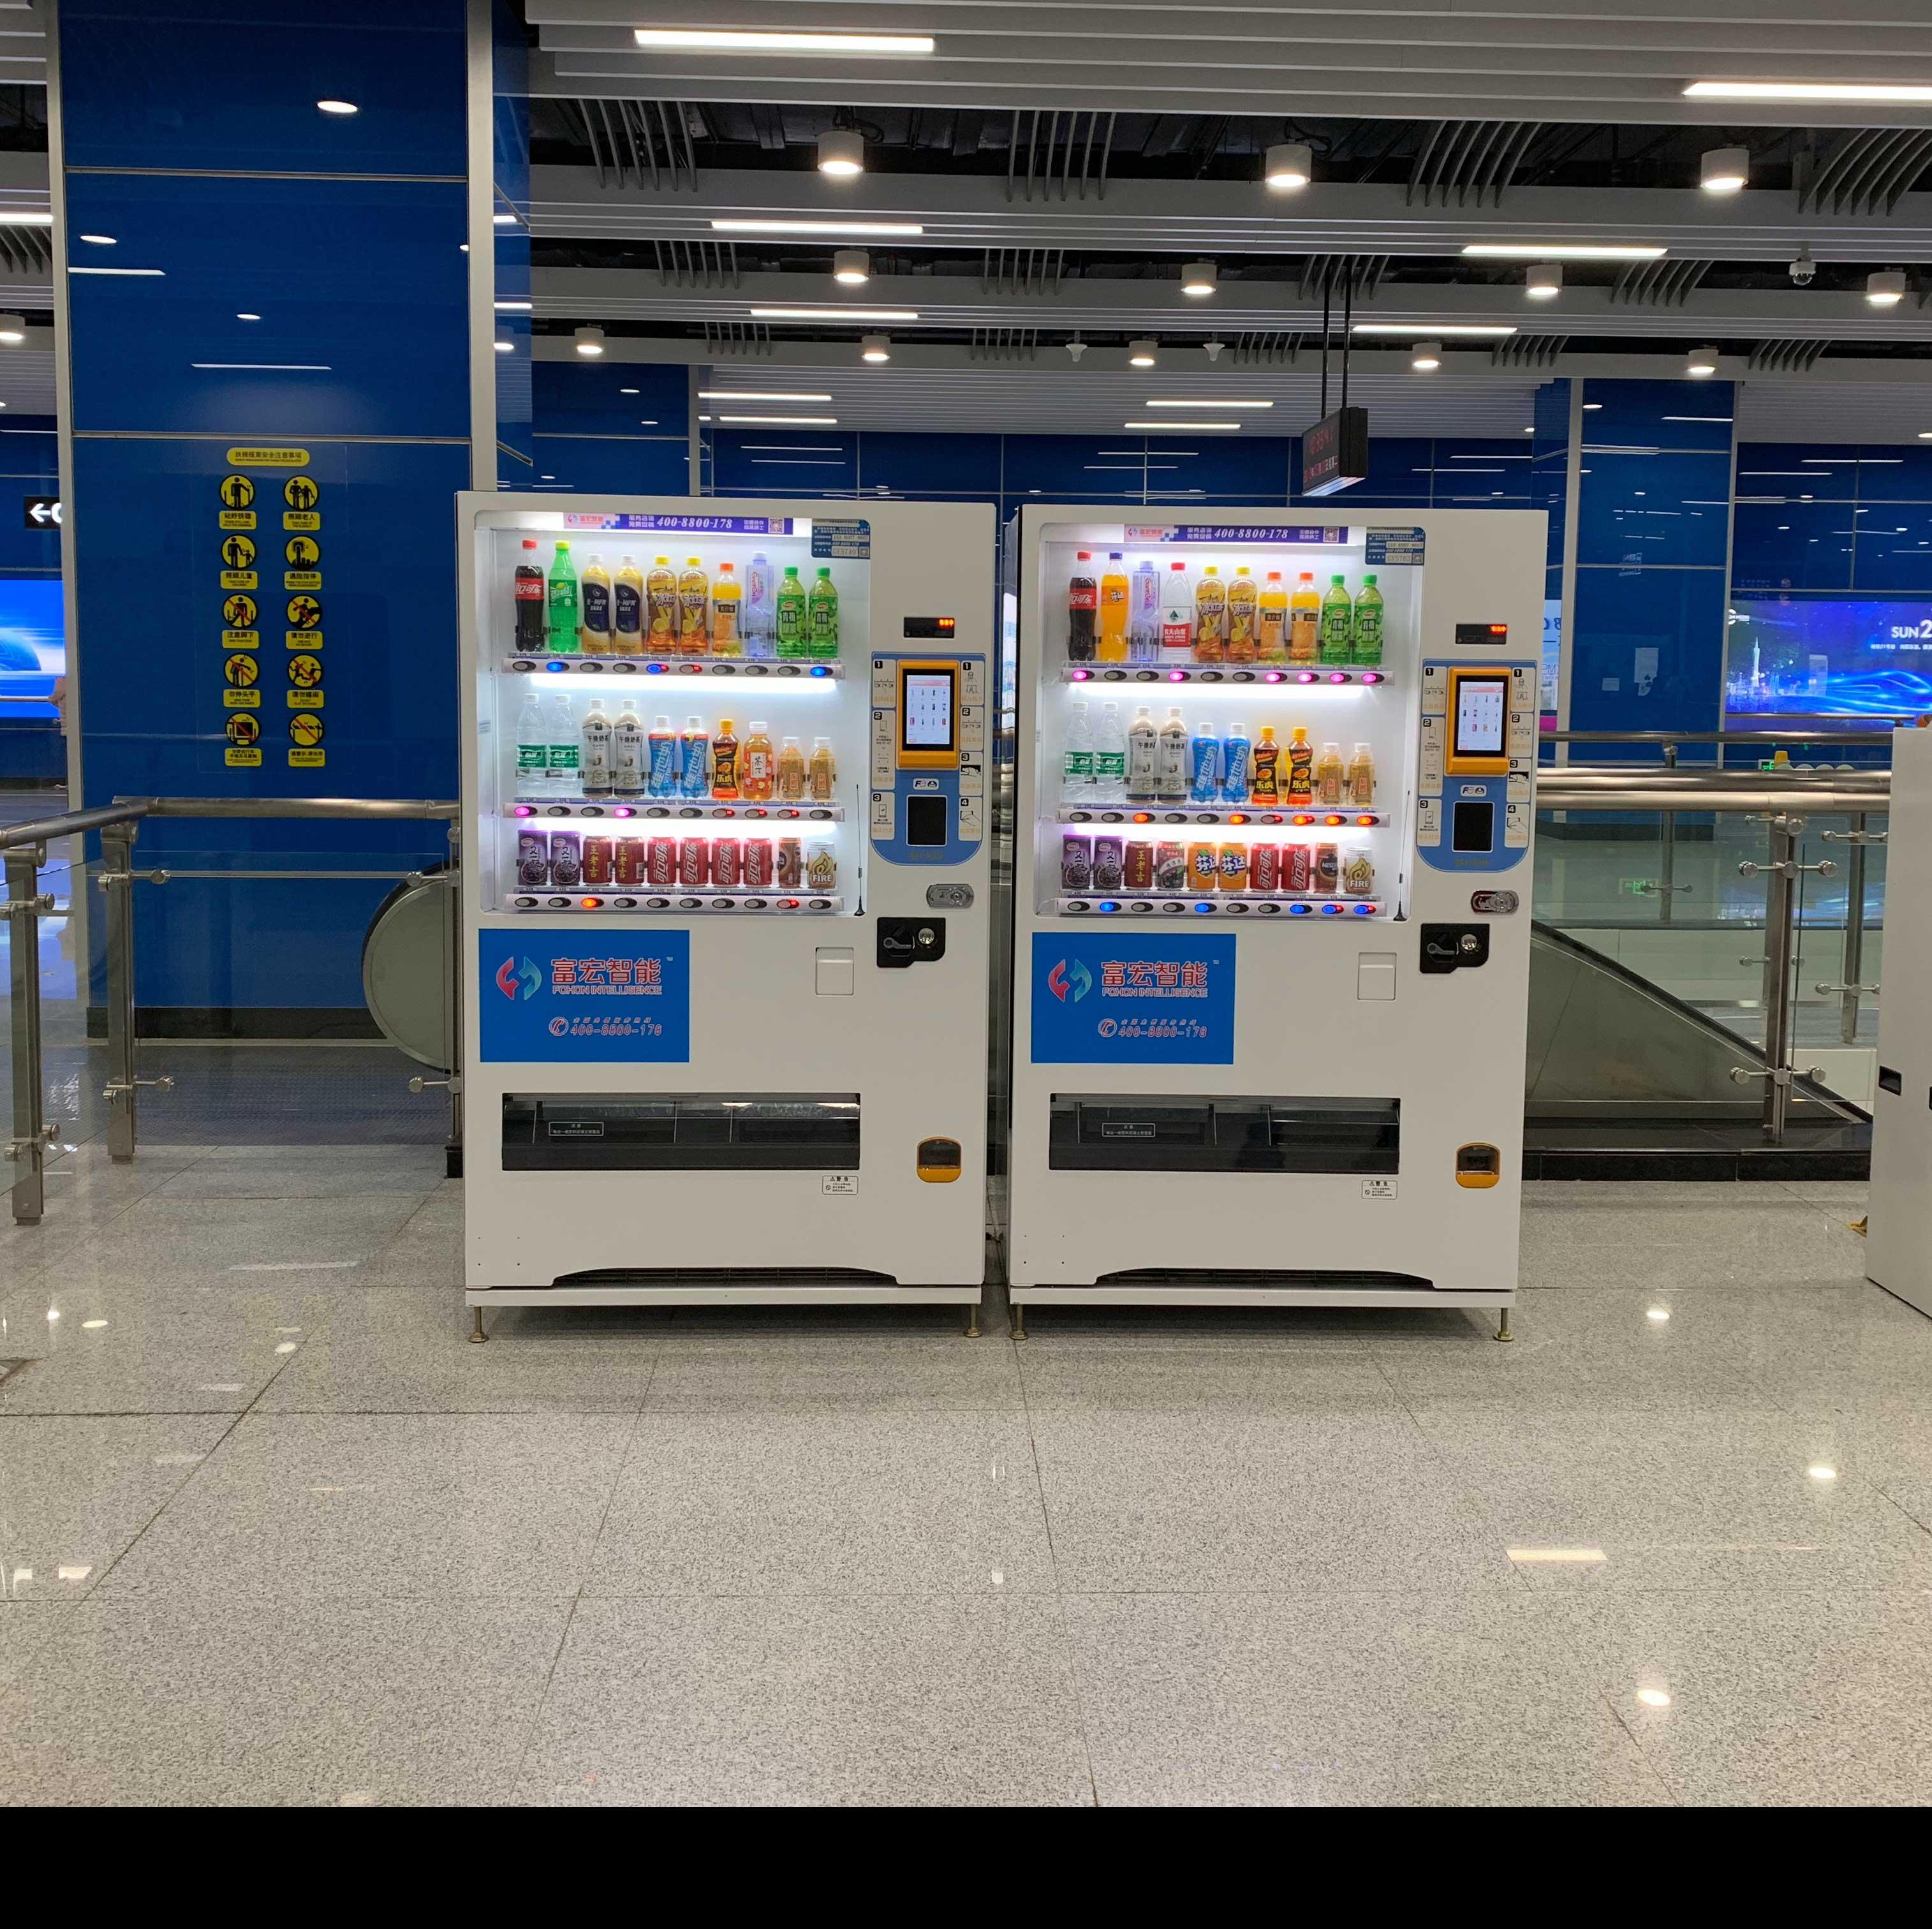 自动售货机,无人售卖机,自助售卖机加盟,自动贩卖机,智能售卖机